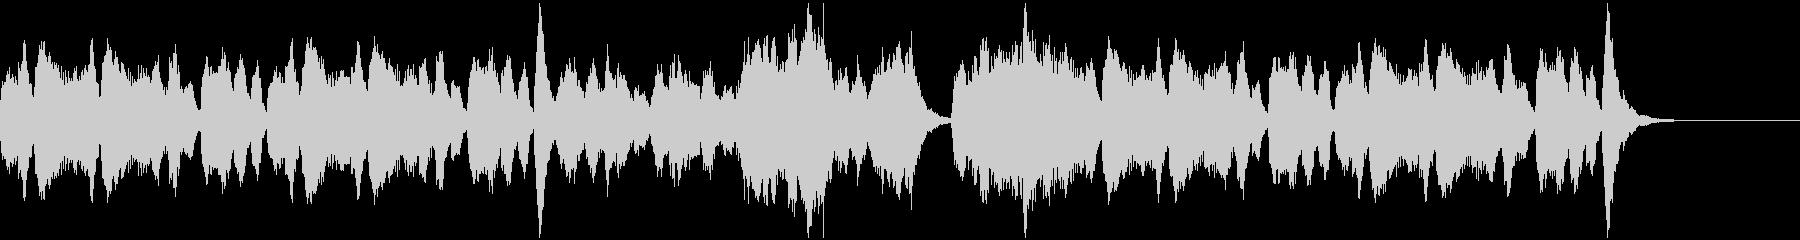 収穫の季節にぴったりなオーケストラBGMの未再生の波形